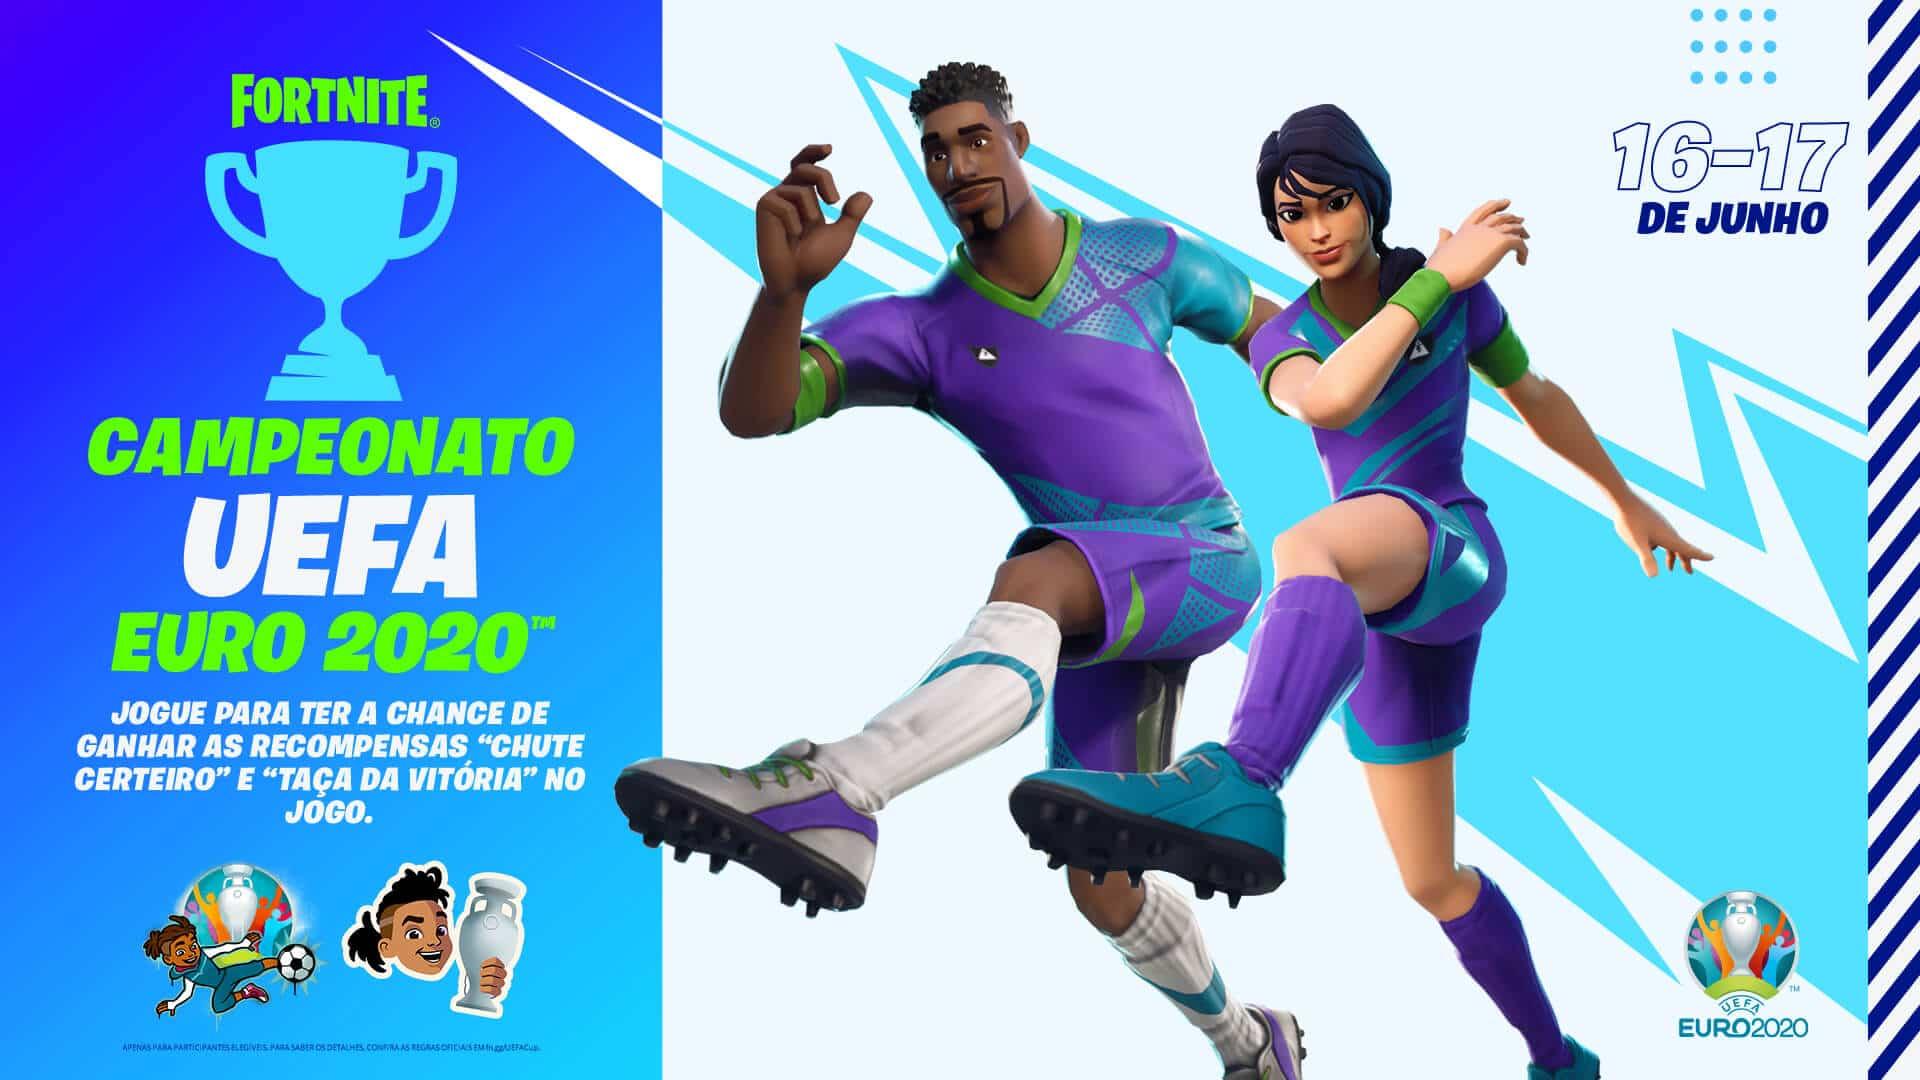 Imagem de dois jogadores de futebol em Fortnite e uma descrição de um torneio